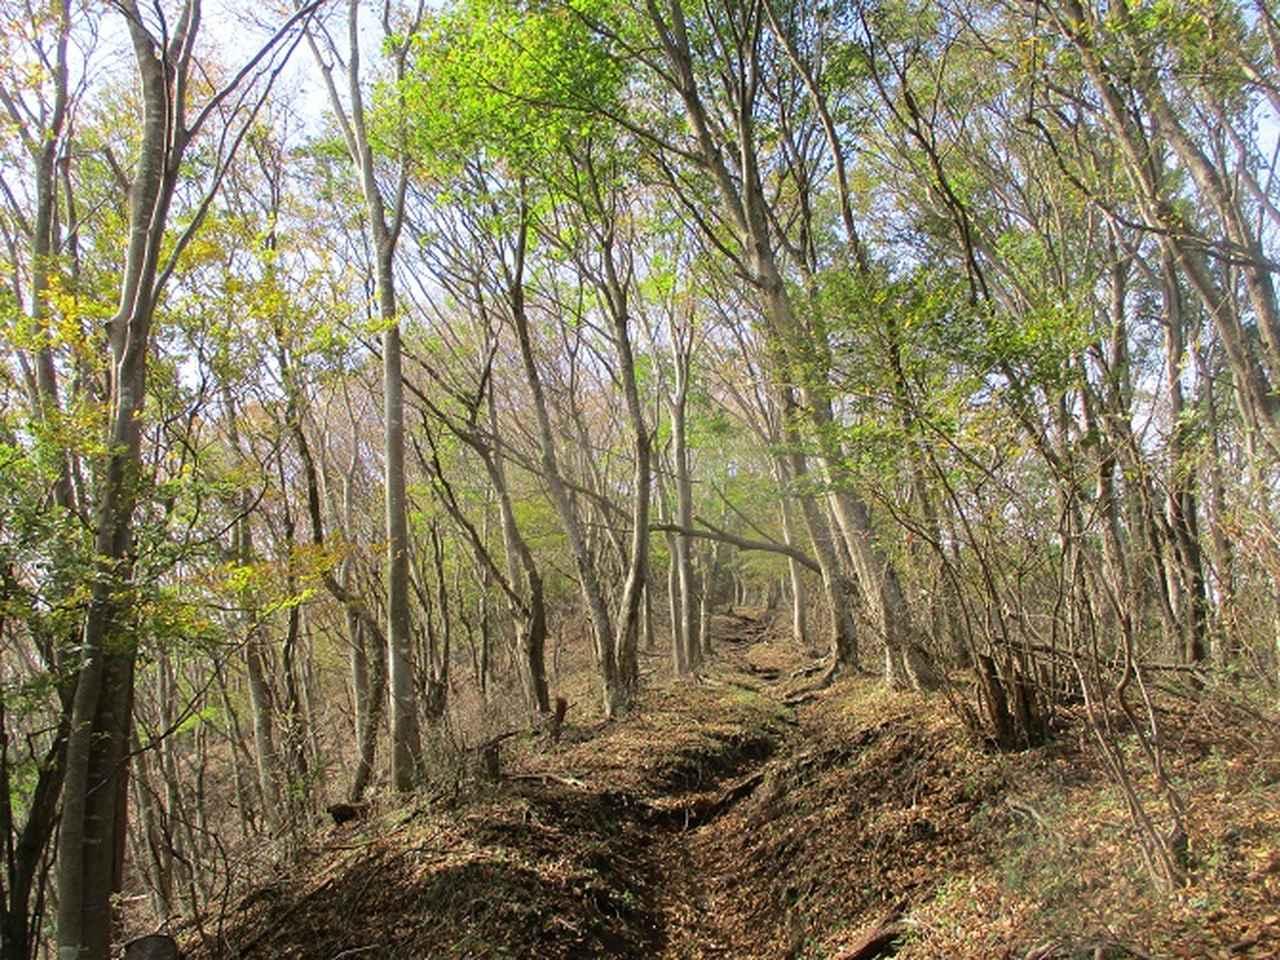 画像6: 10月26日に山旅会 「矢倉岳」 ツアーに行ってきました!